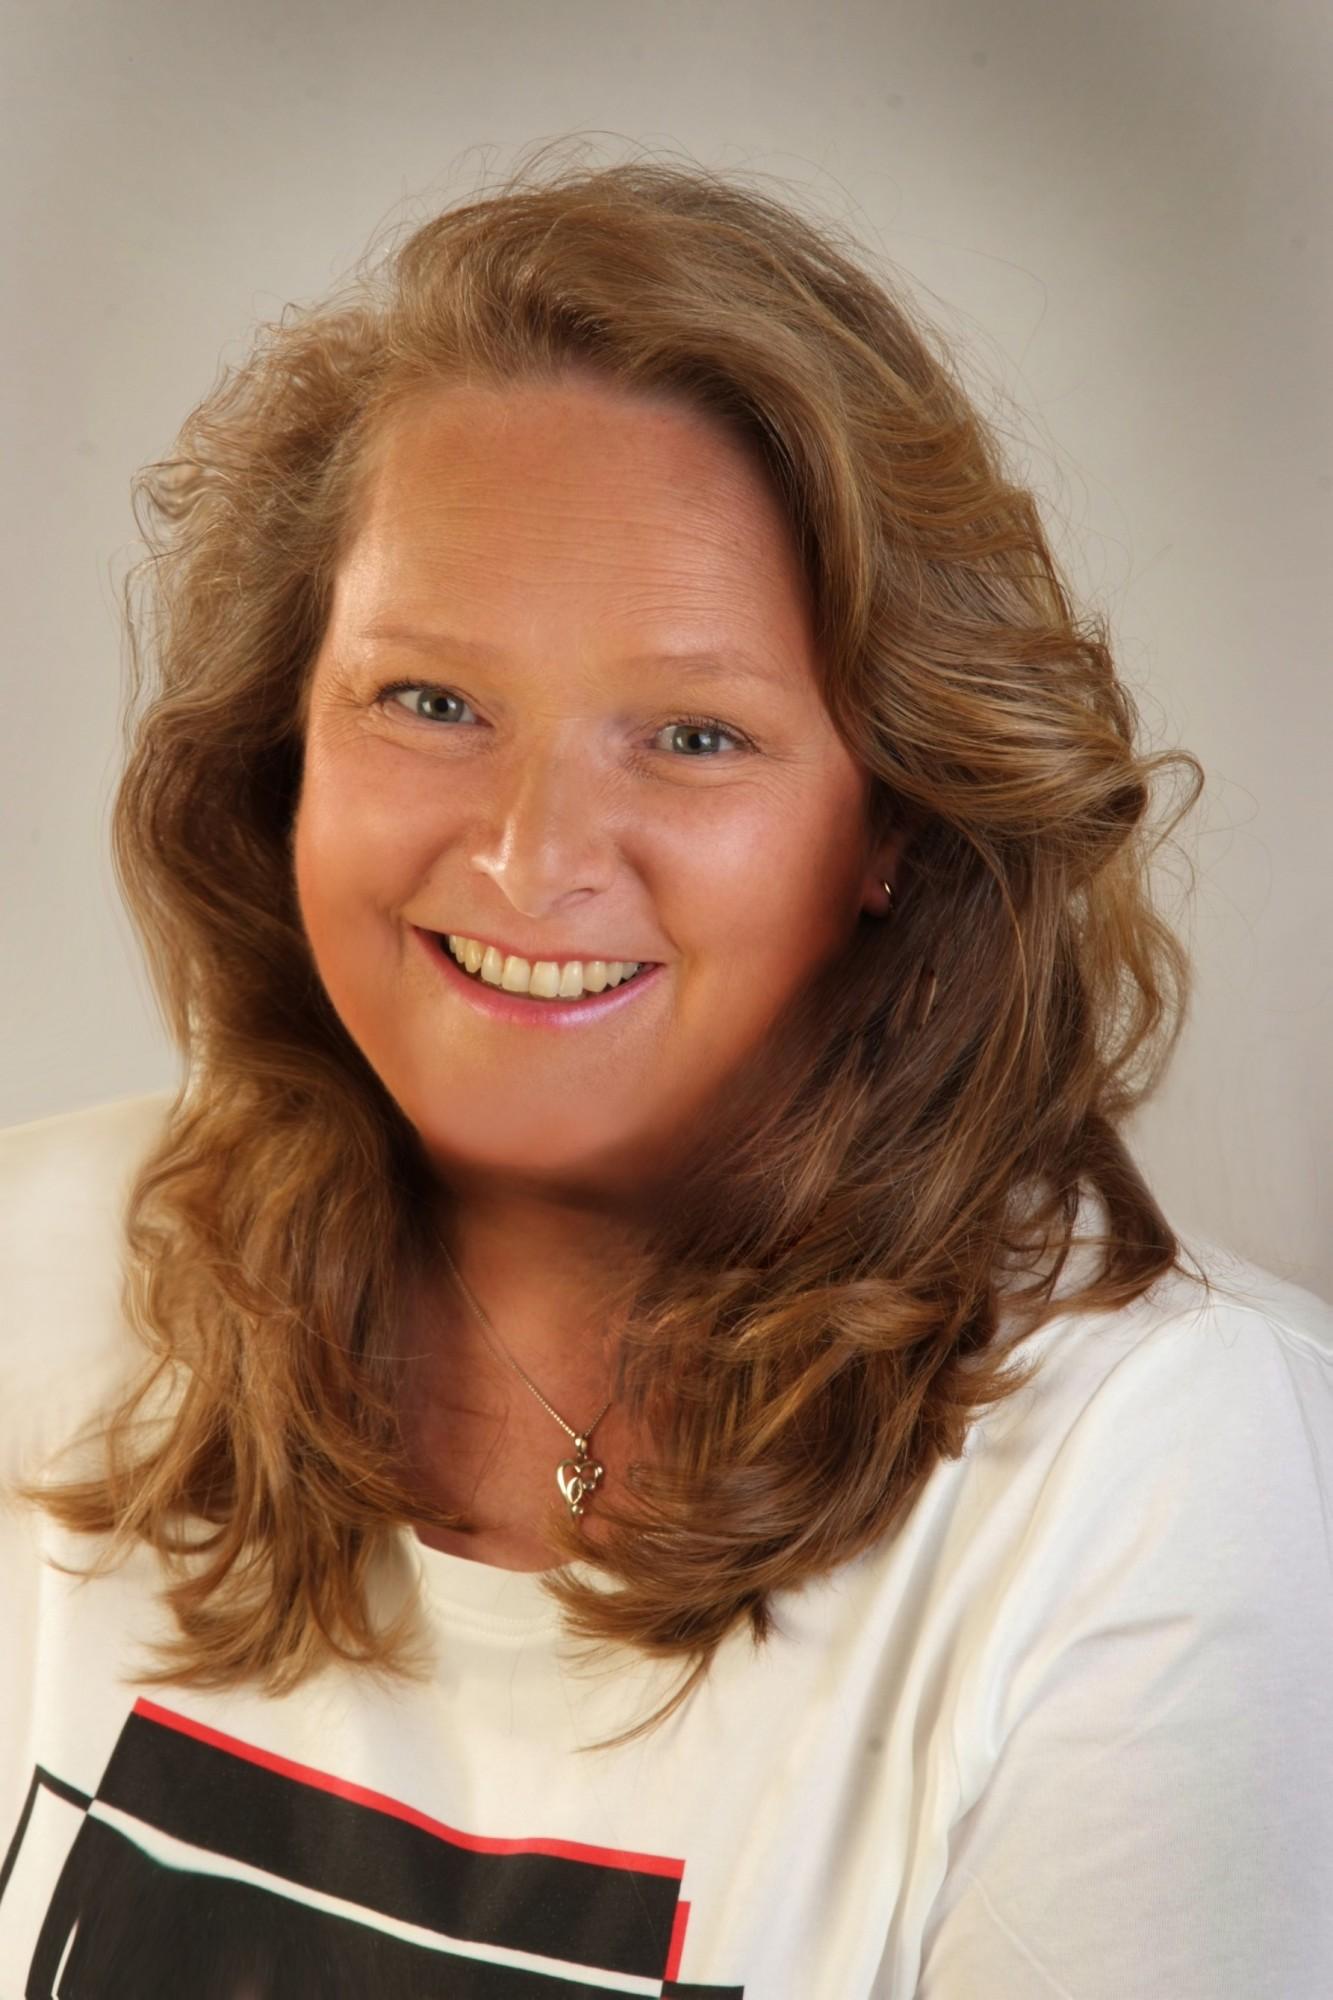 Abbildung von Karin Krings